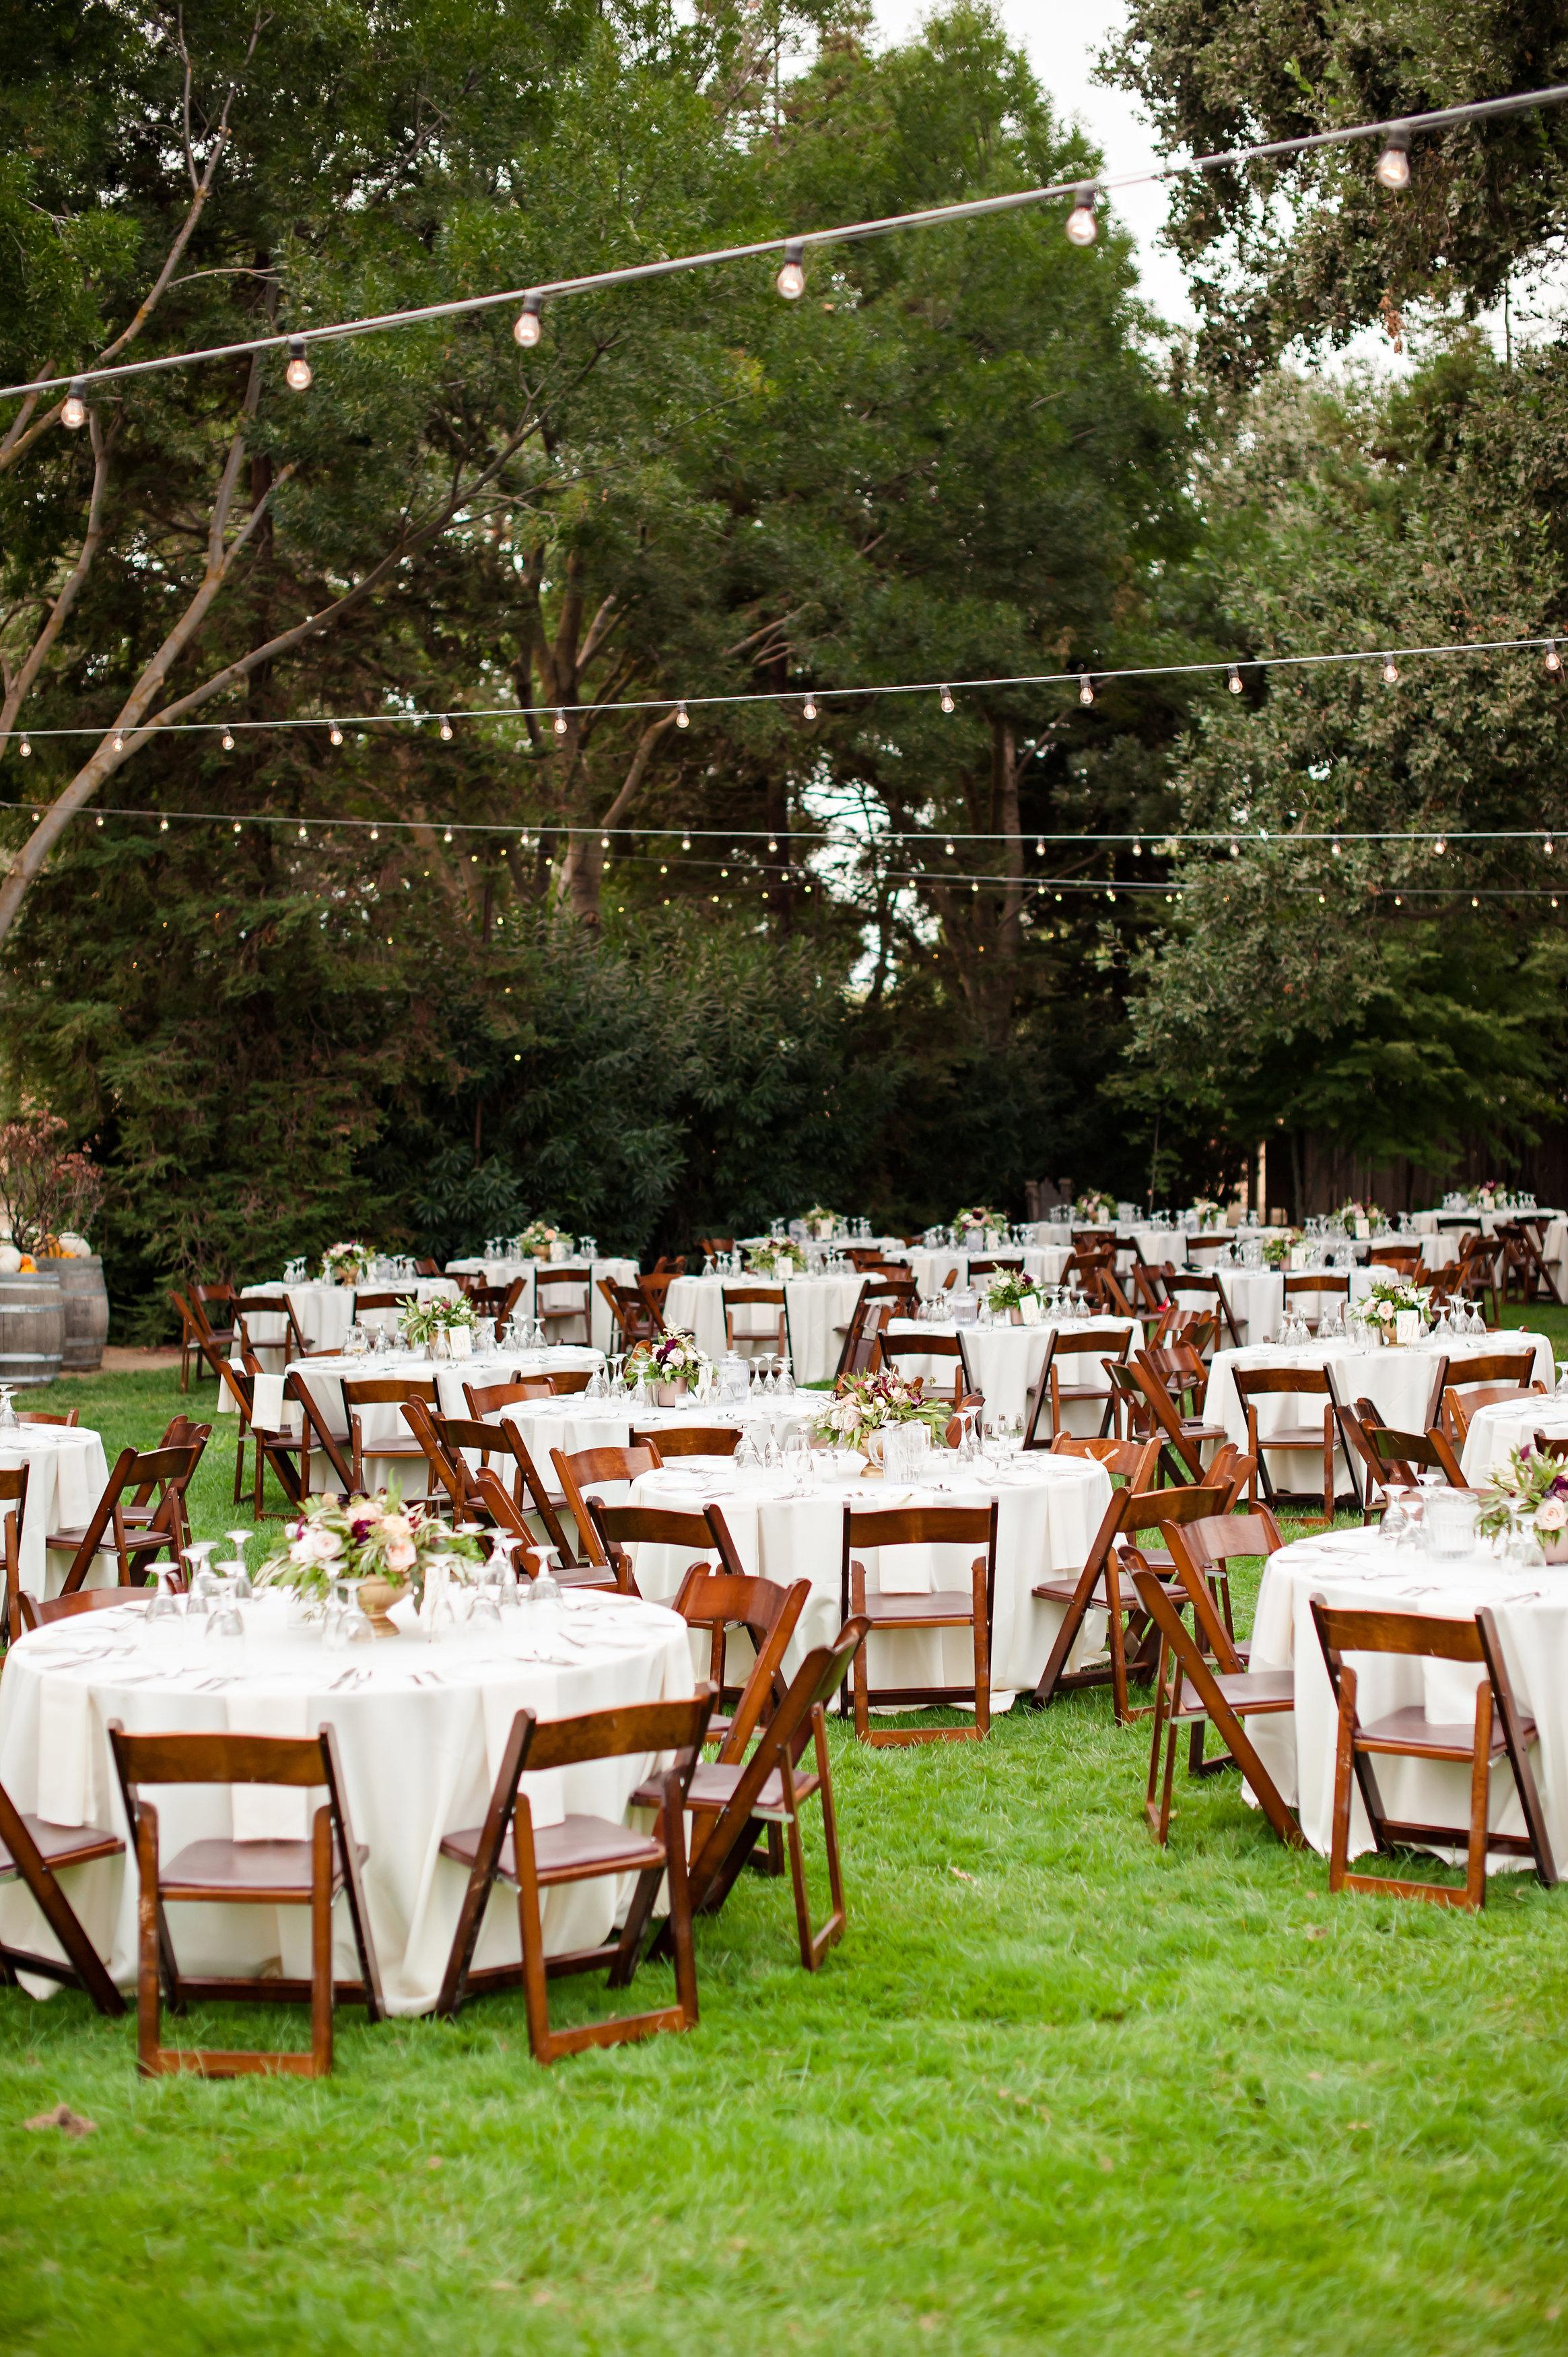 Outdoor Reception Sea of Tables